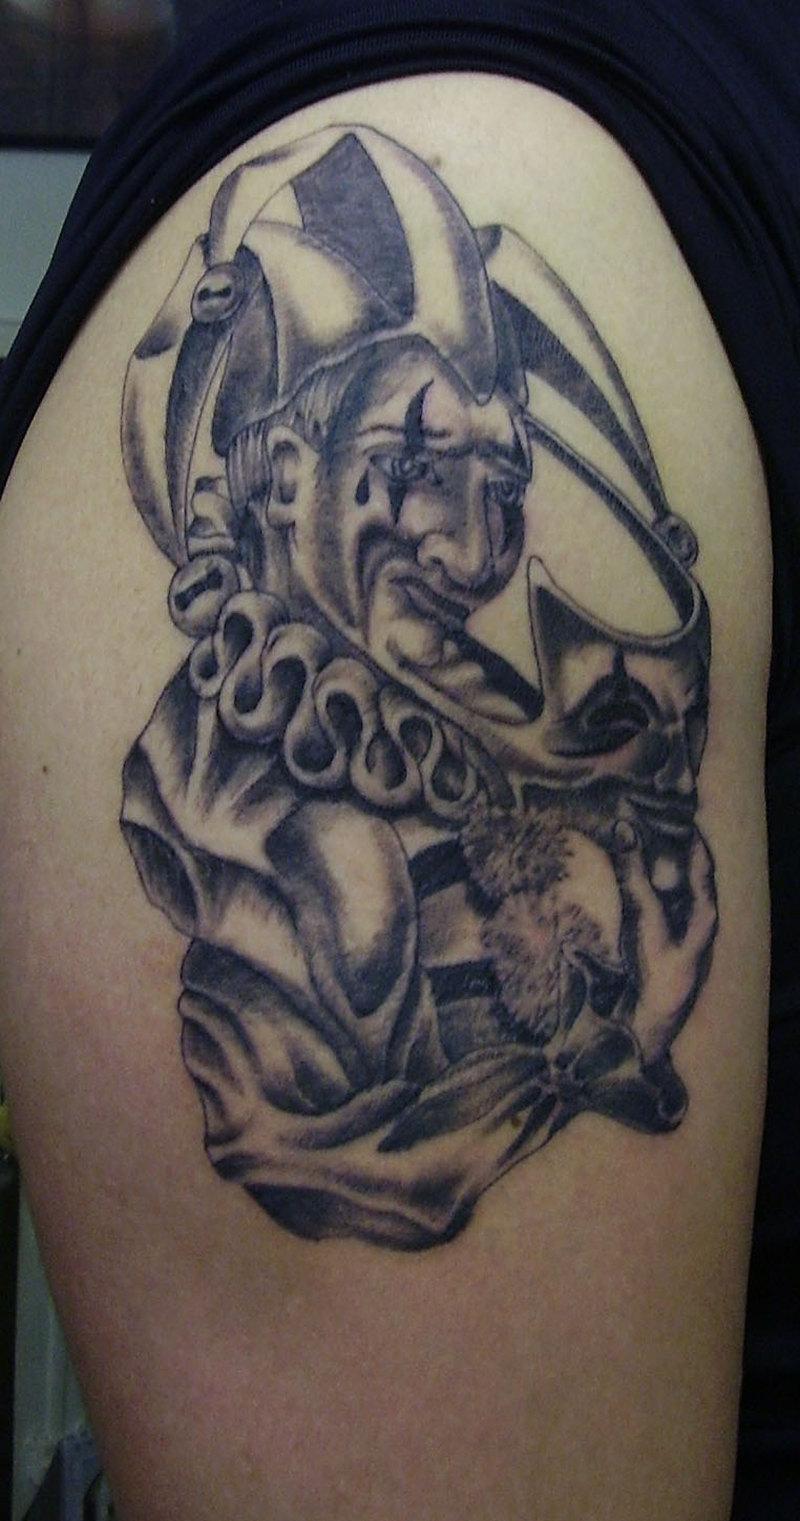 Fine joker tattoo on arm